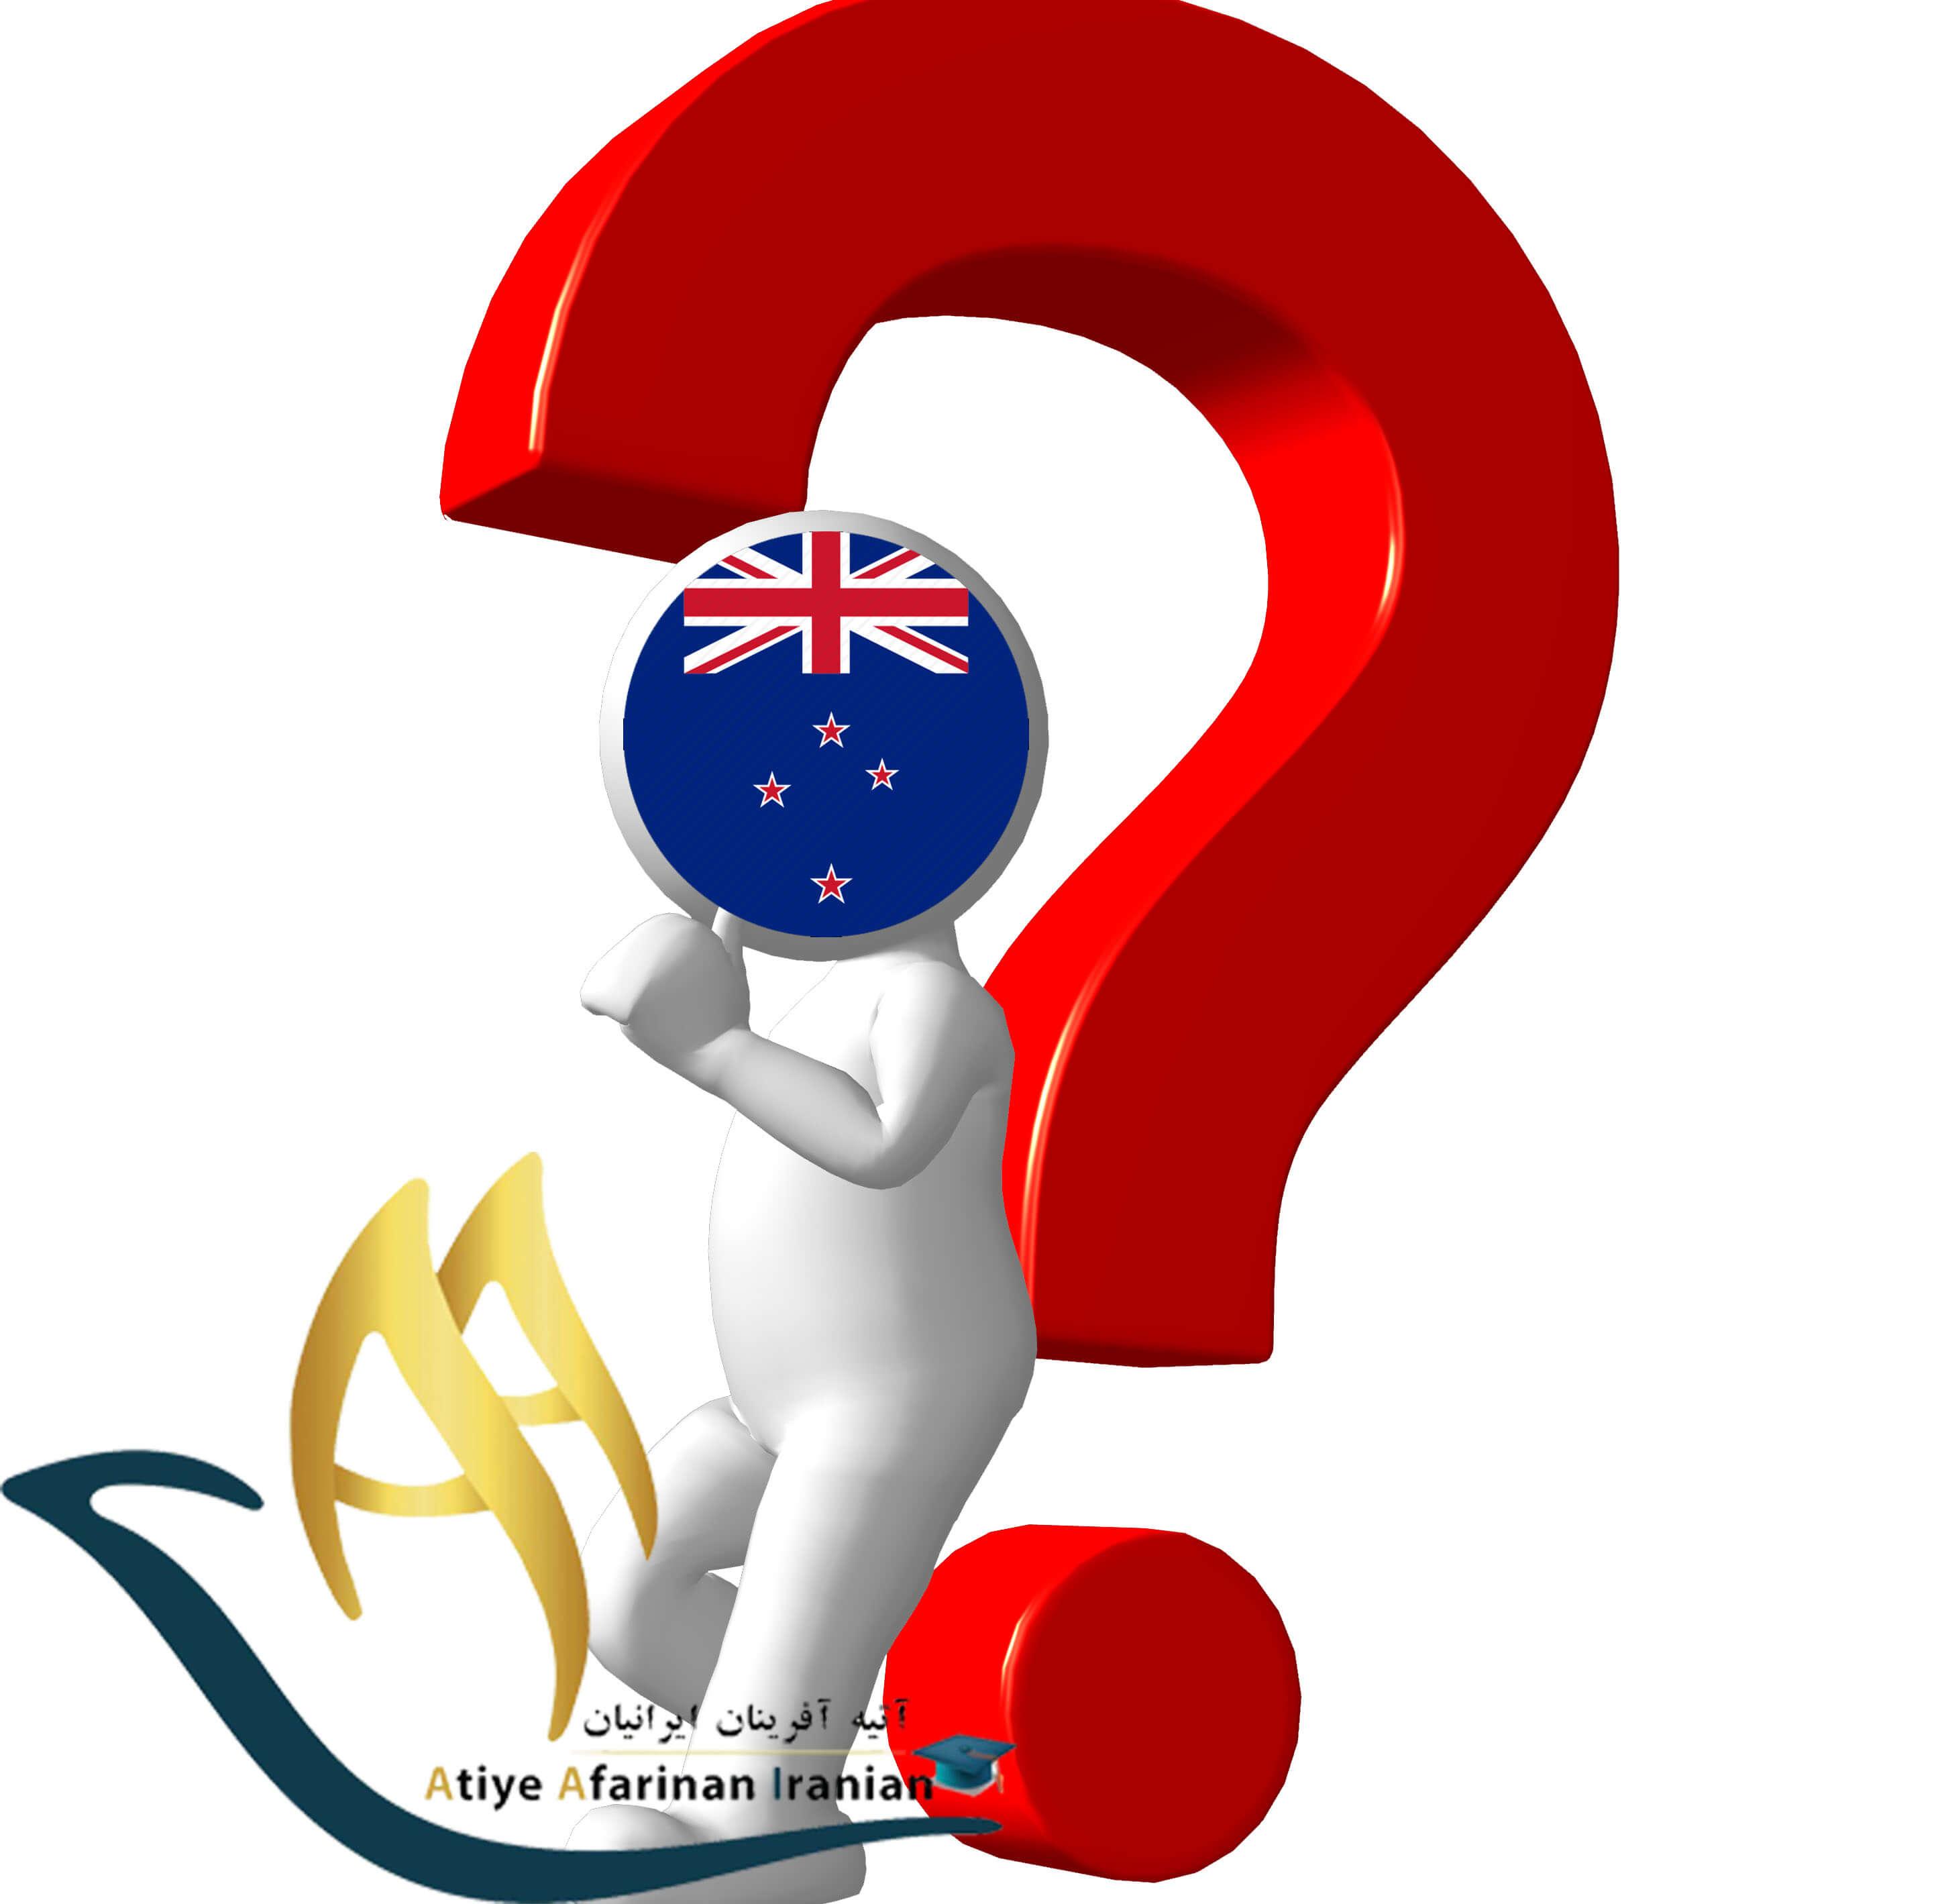 سوالات متداول در مورد تحصیل در نیوزلند